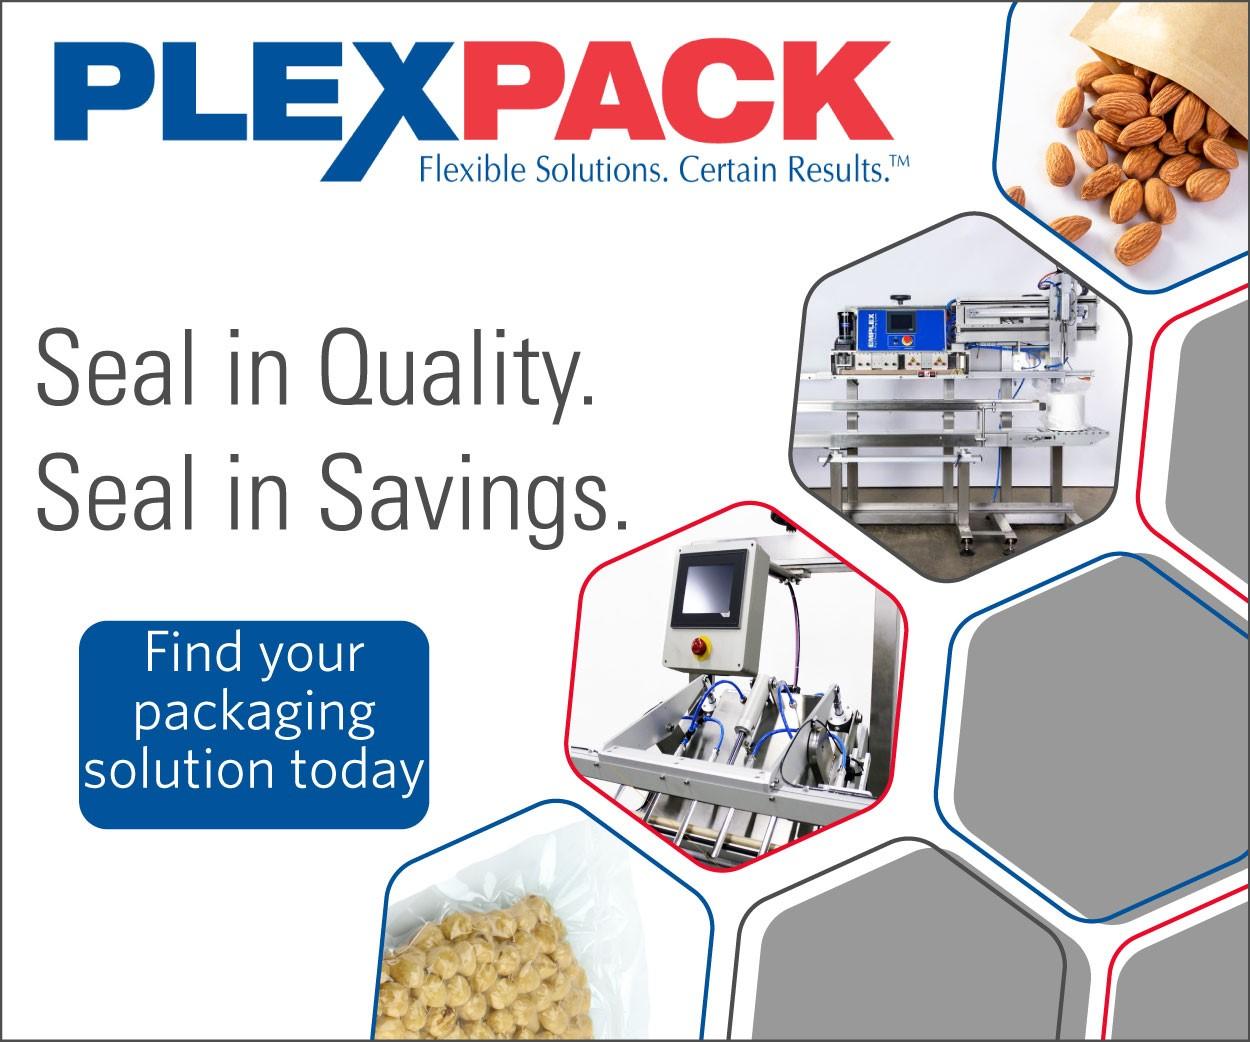 plexpack